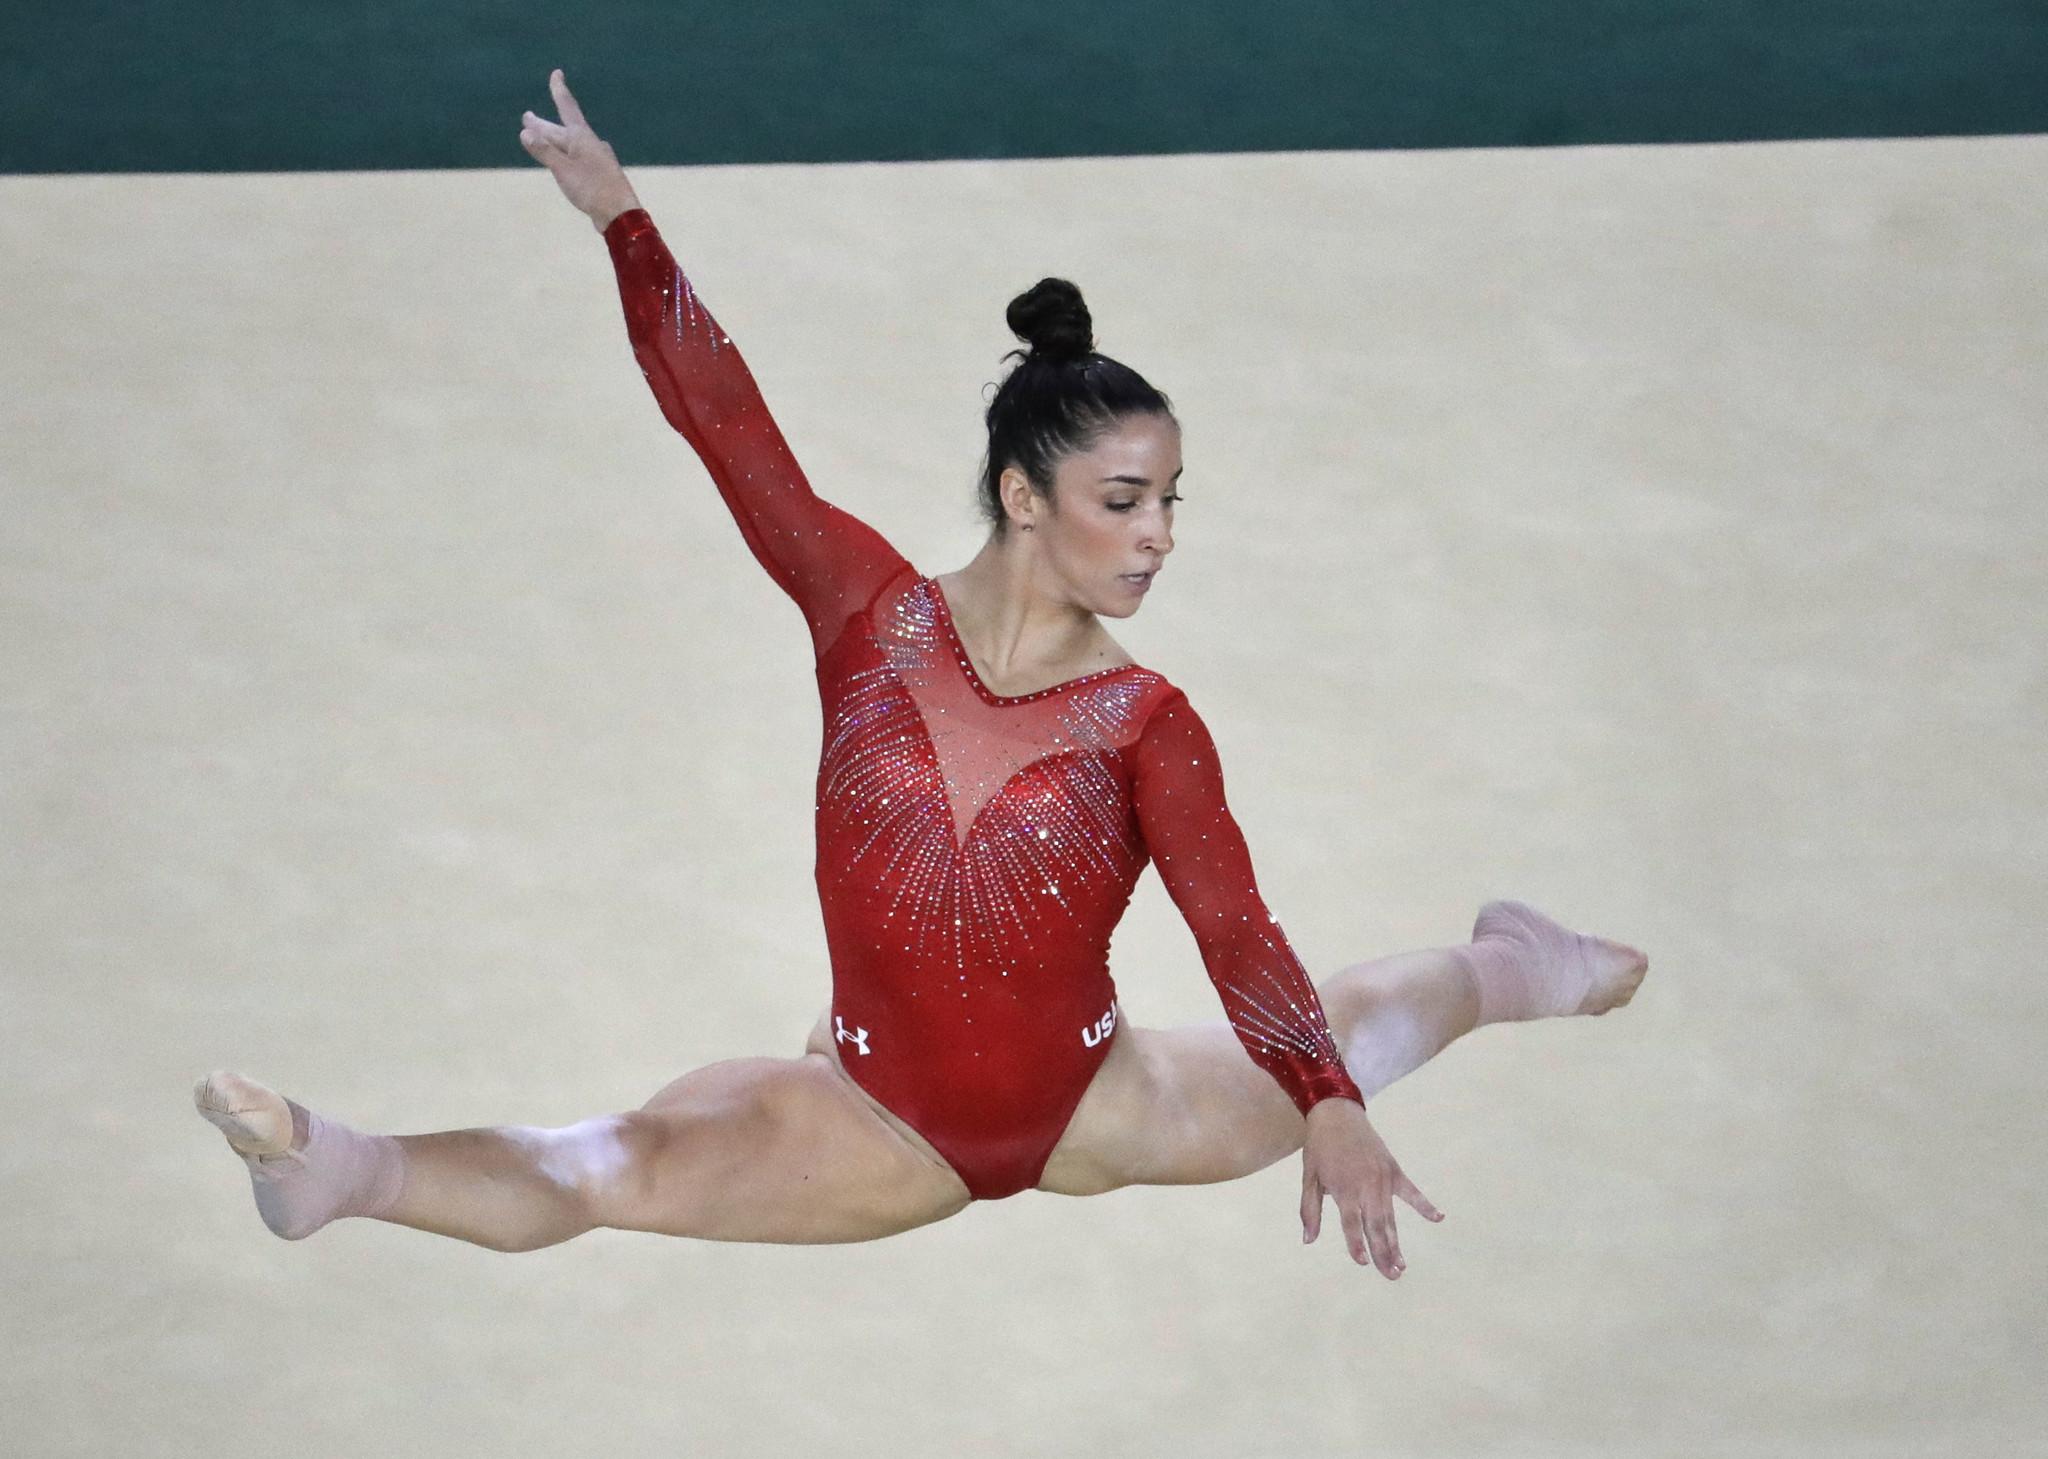 Company Offers Replicas Of 1 200 Usa Gymnastics Leotards